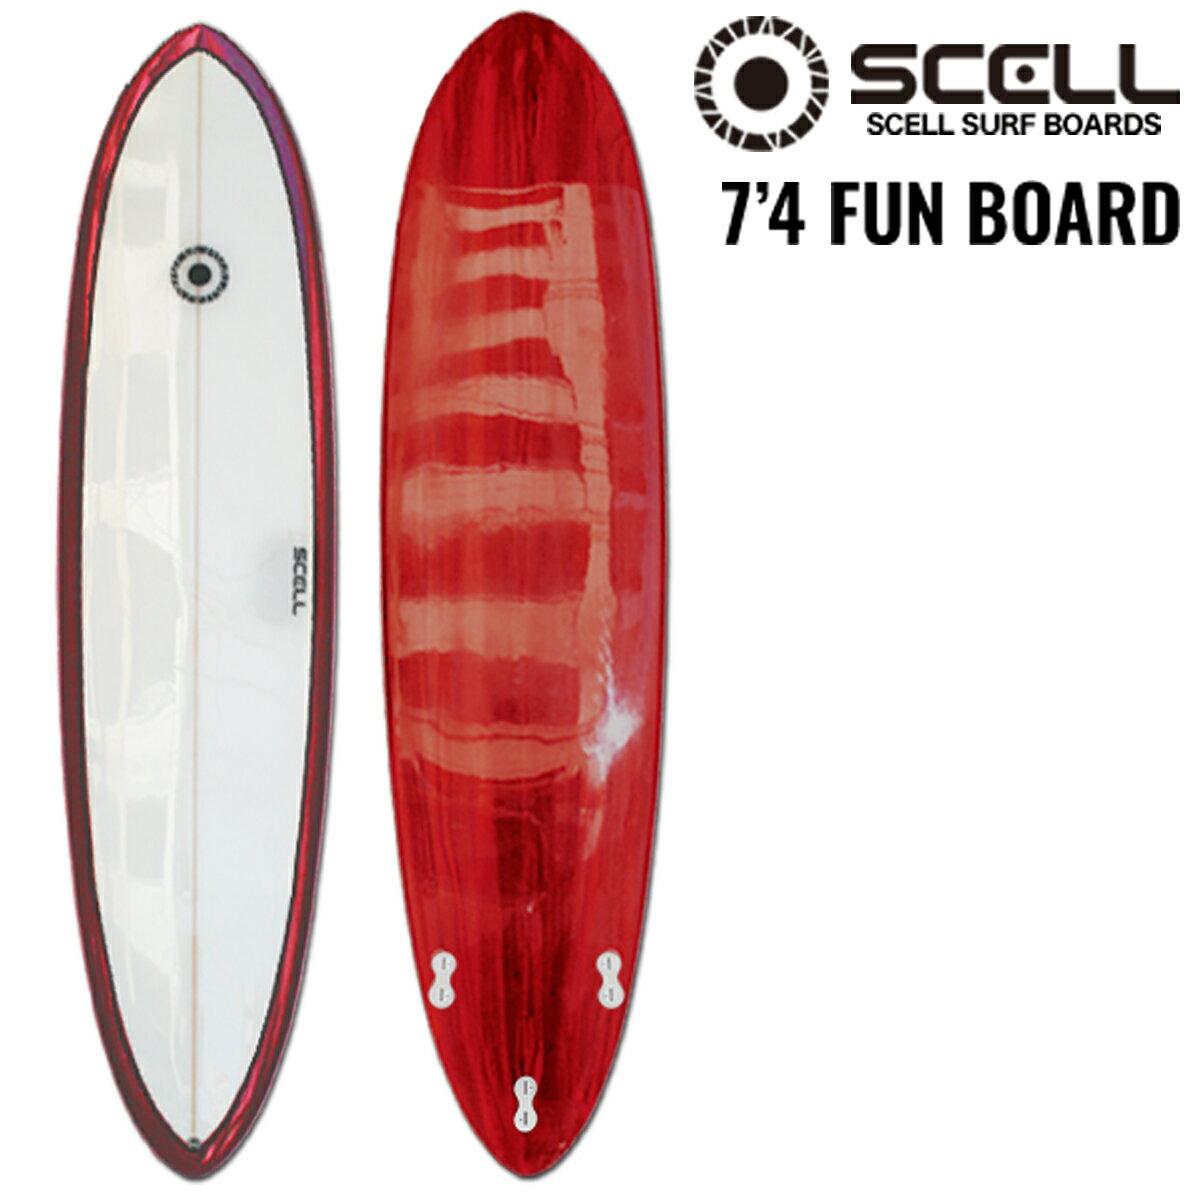 [エントリー&楽天カード利用でポイント5倍!2/20 23:59まで]ファンボード 7'4 赤●サーフボード 【SCELL】 サーフィン